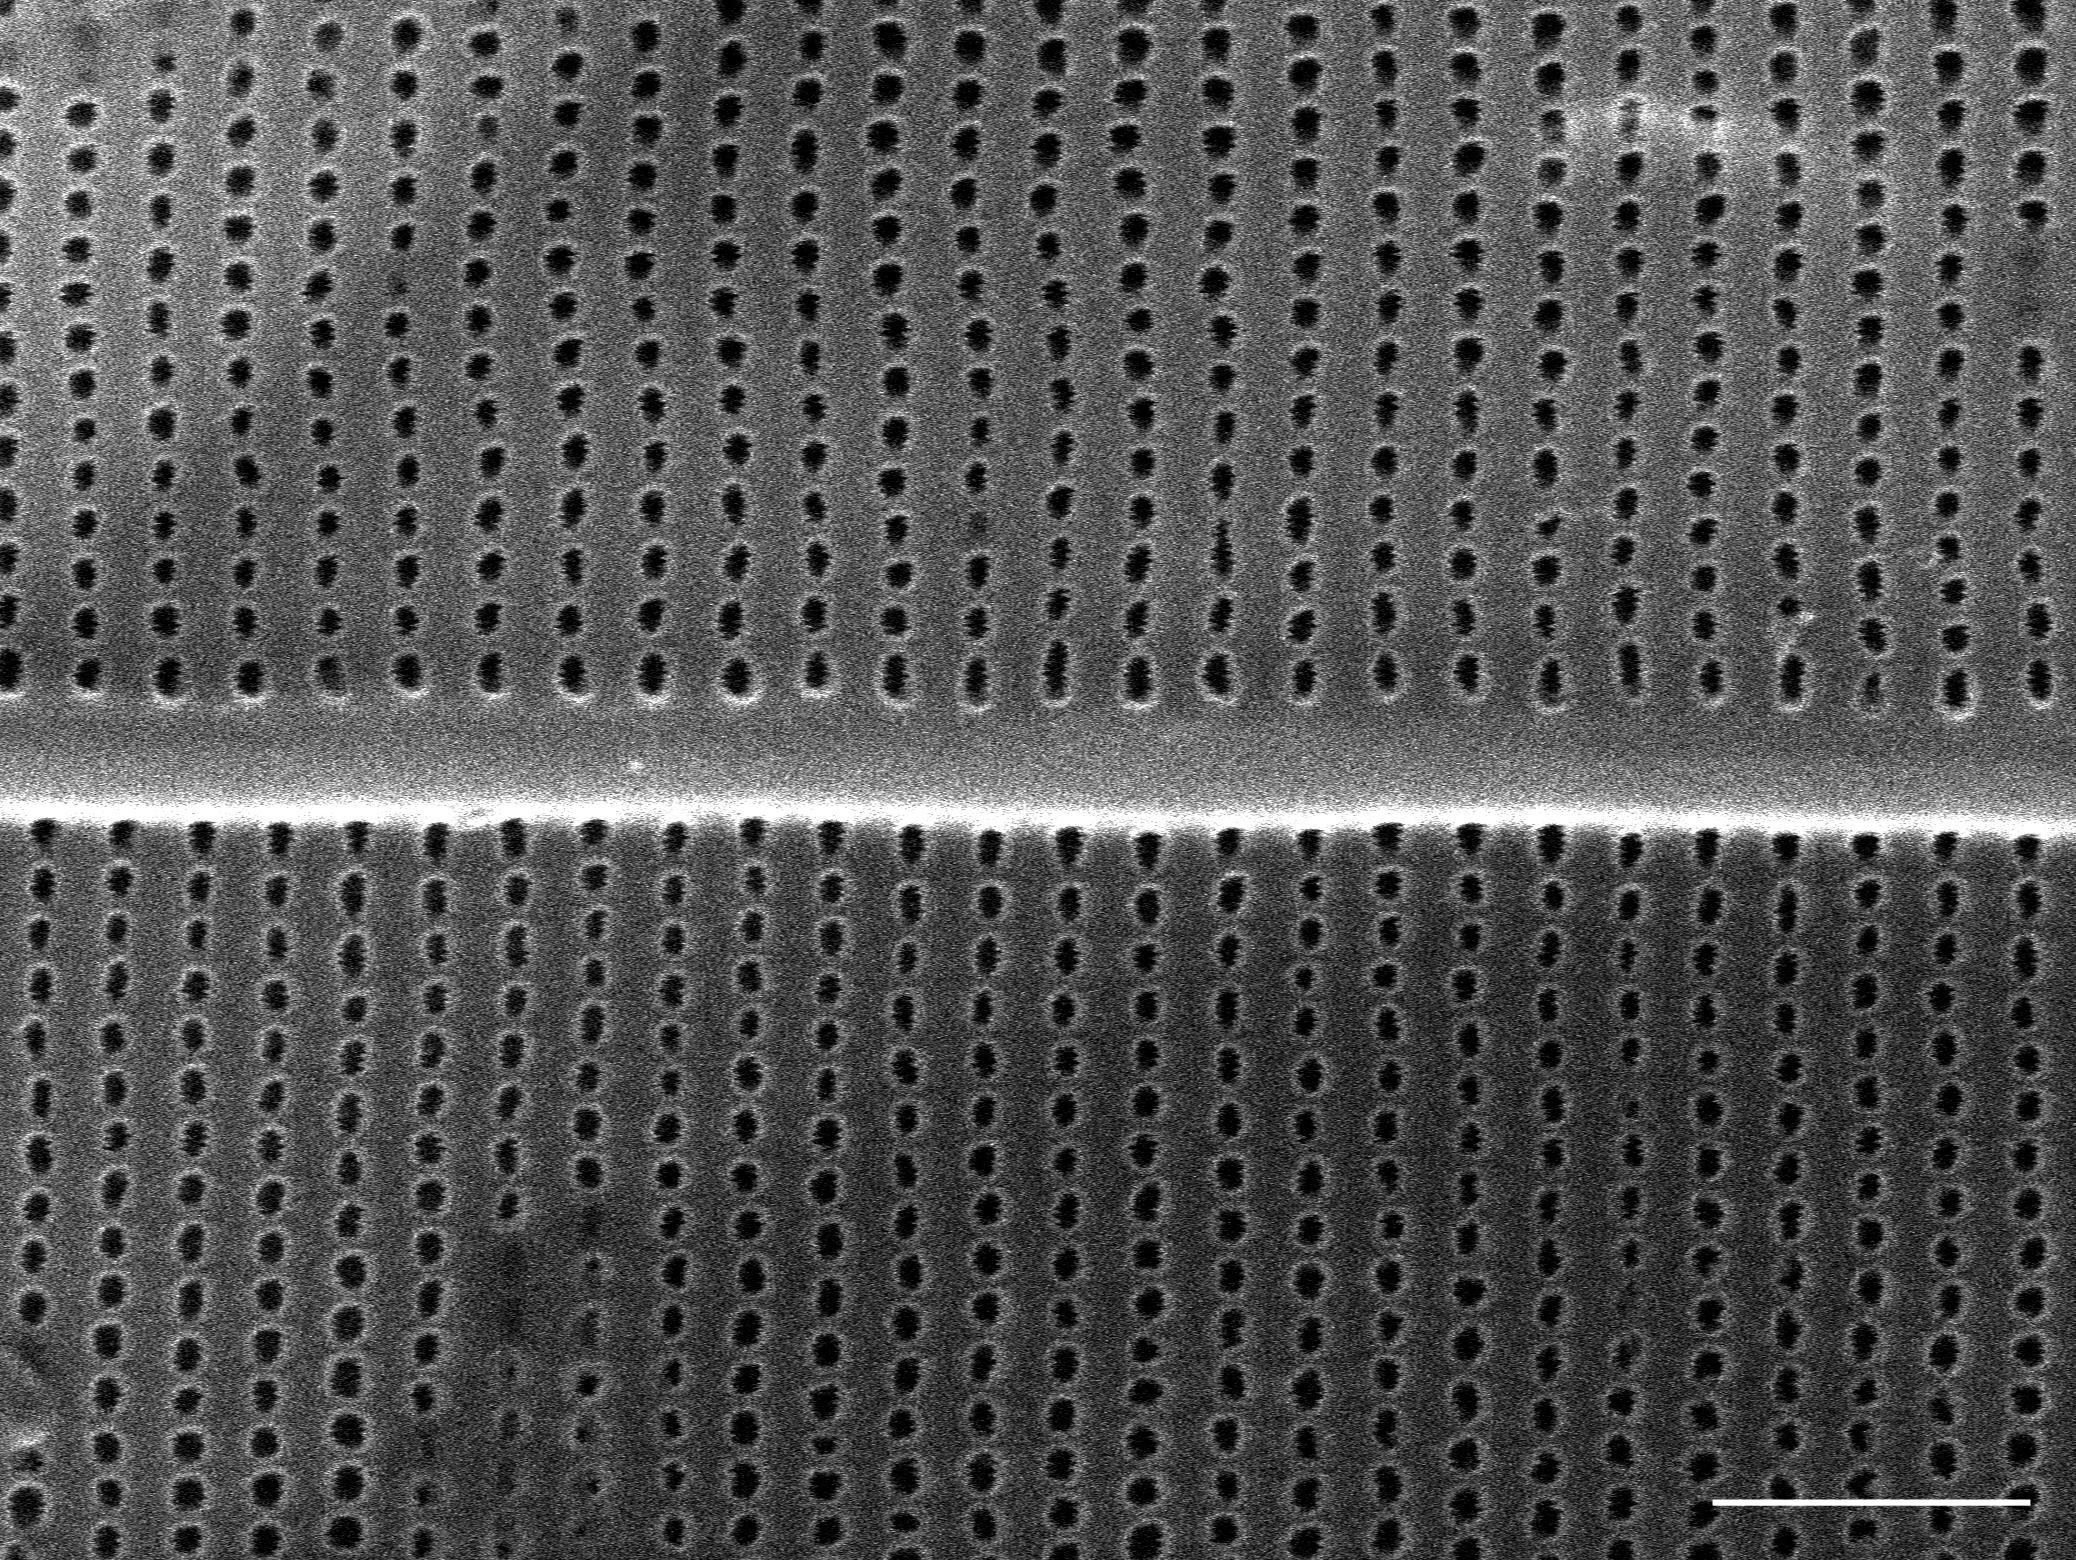 Amphipleura pellucida SEM1